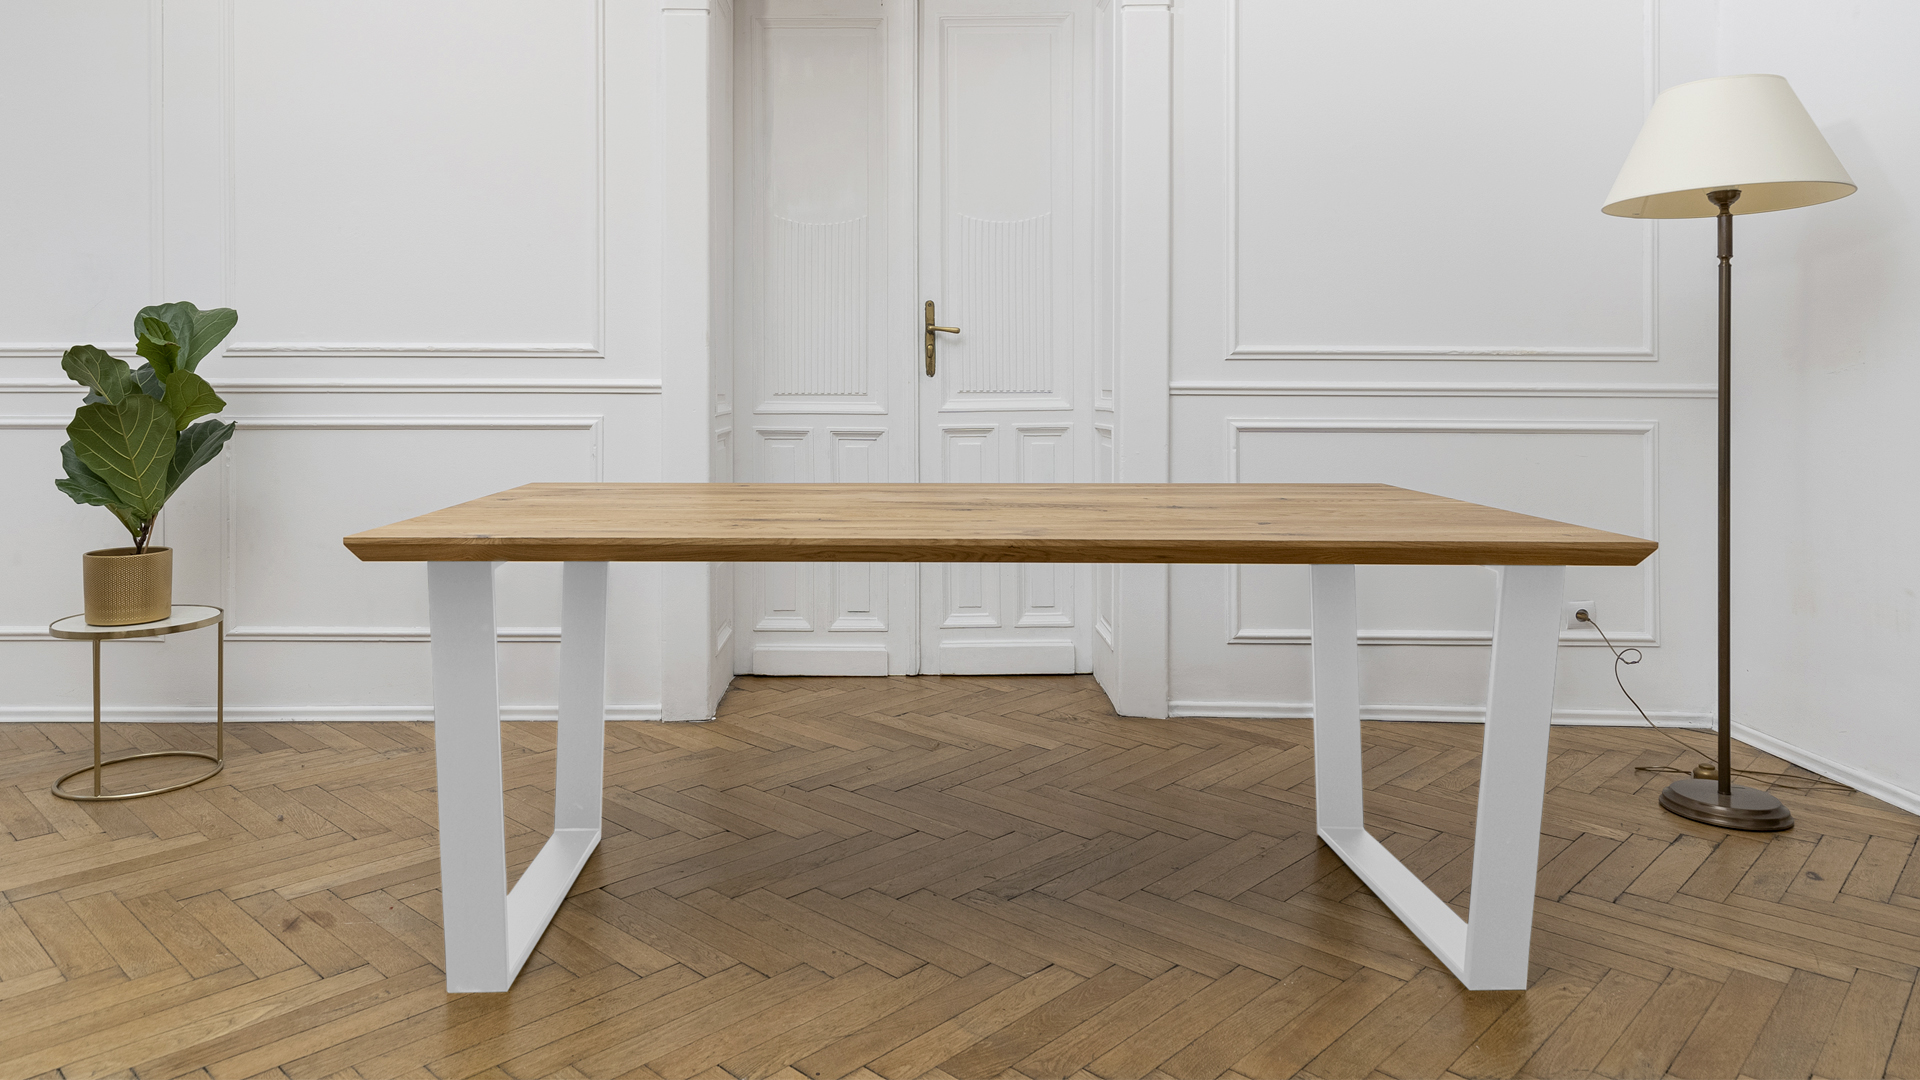 Stół z nogami metalowymi w kolorze białym